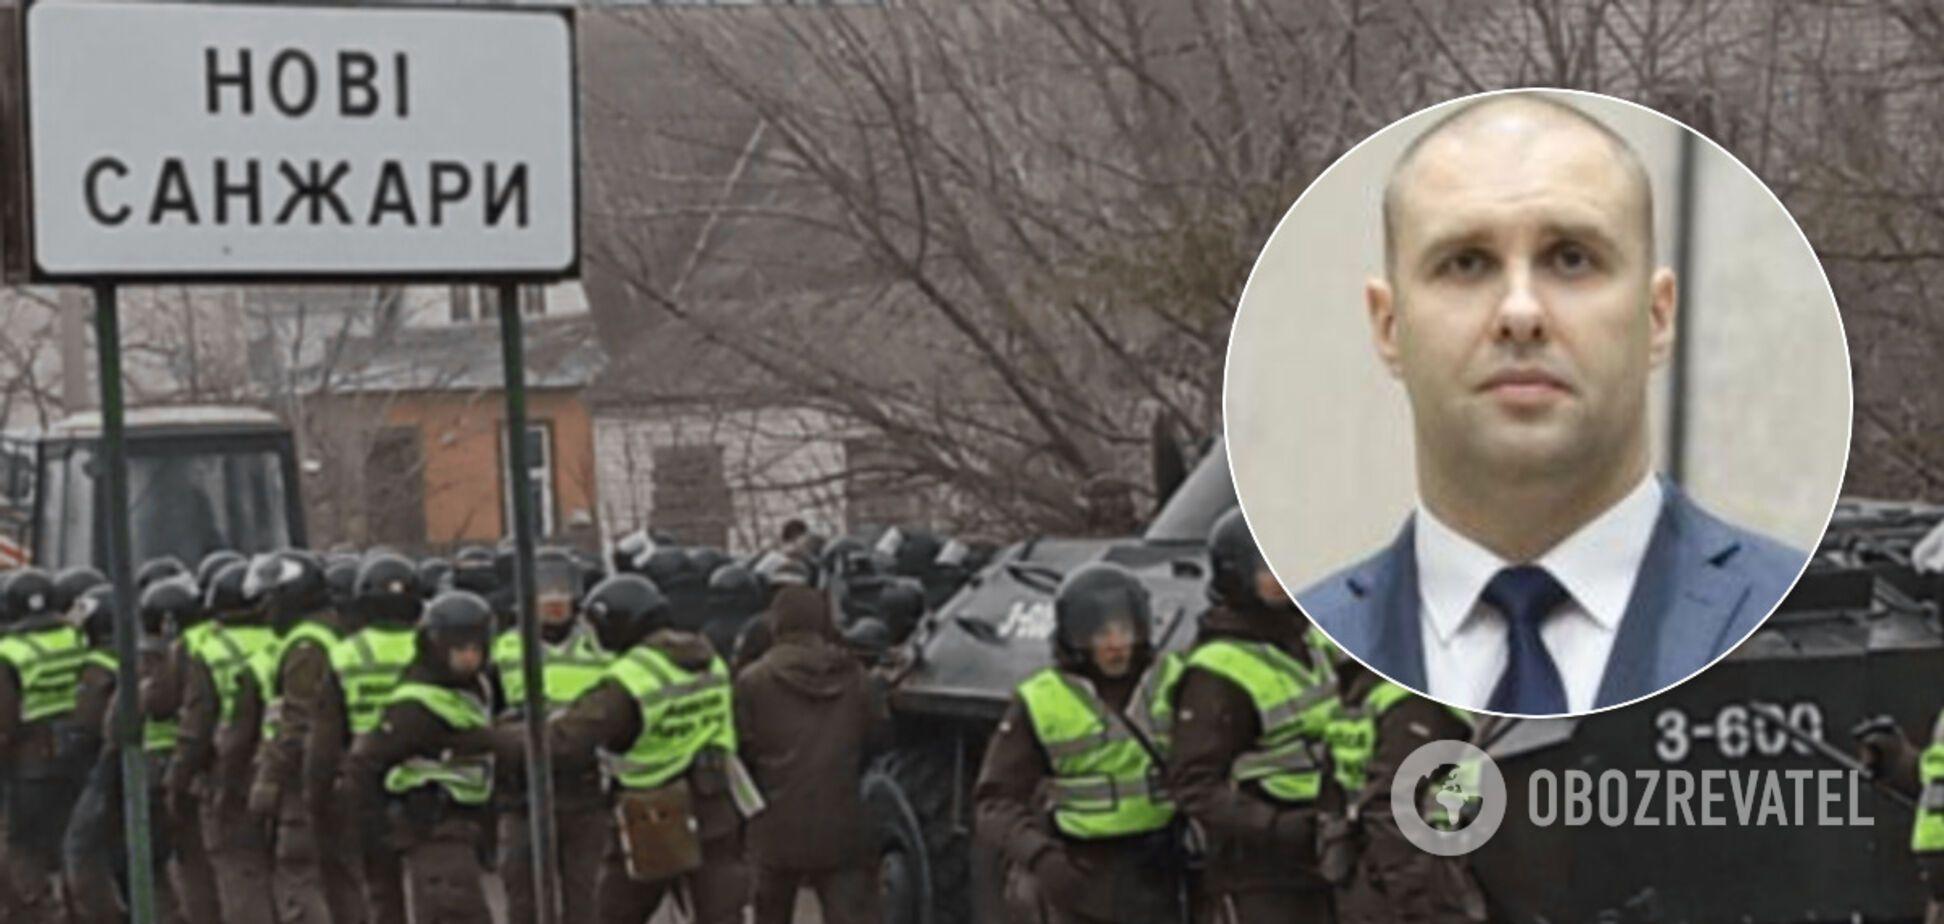 Очільник Полтавщини сказав, хто стоїть за провокаціями в Нових Санжарах